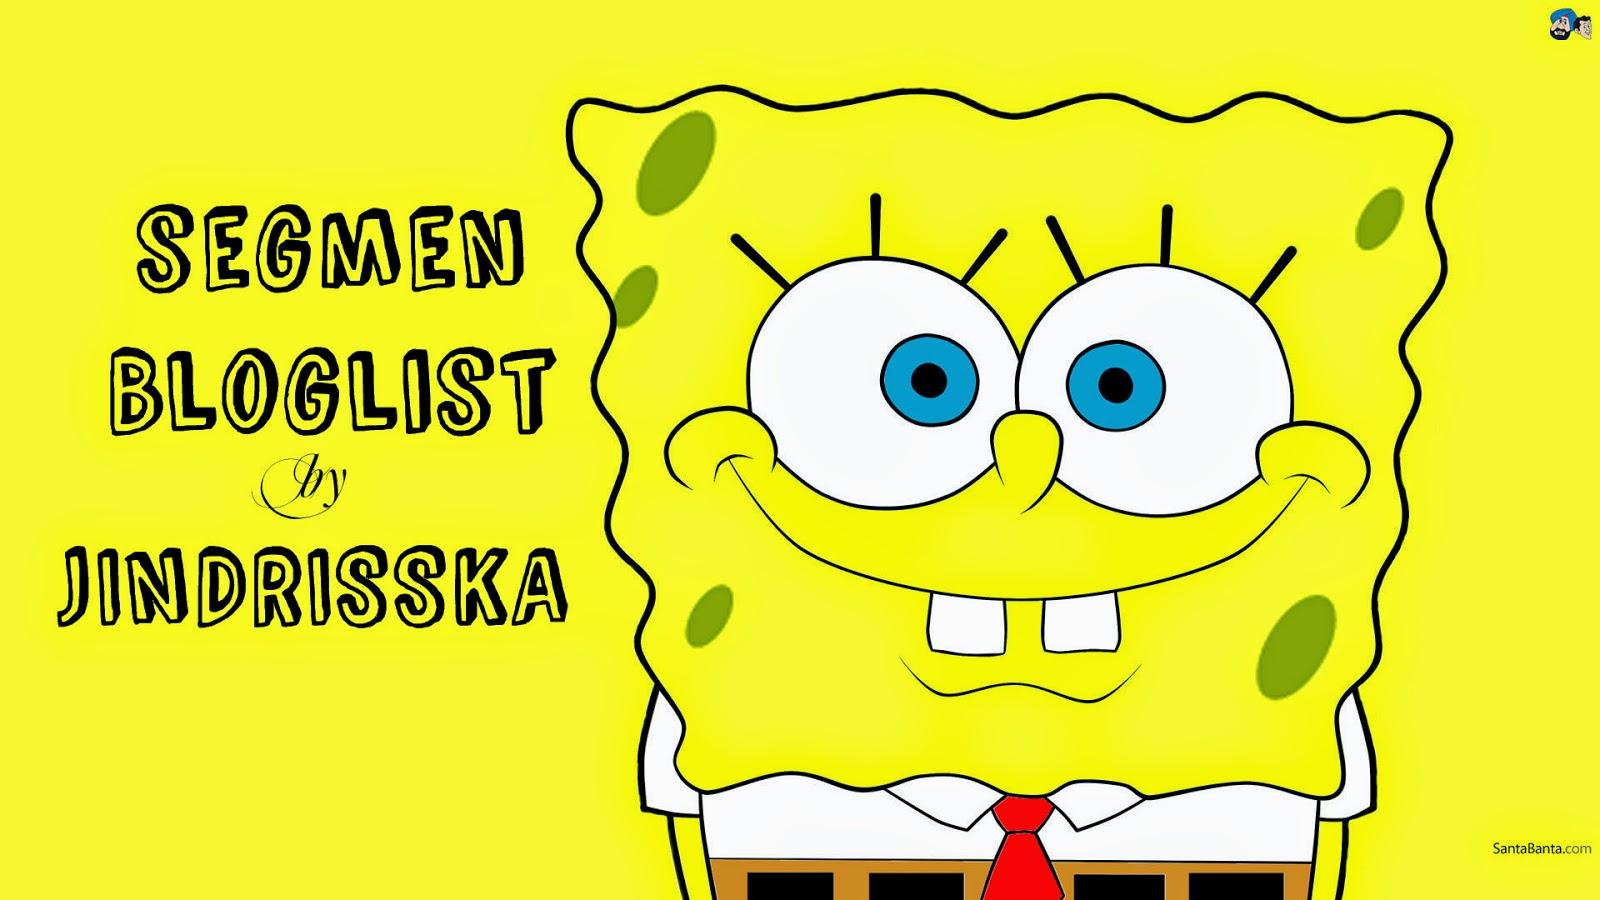 http://jindrisska.blogspot.com/2015/03/segmen-bloglist-by-jindrisska.html